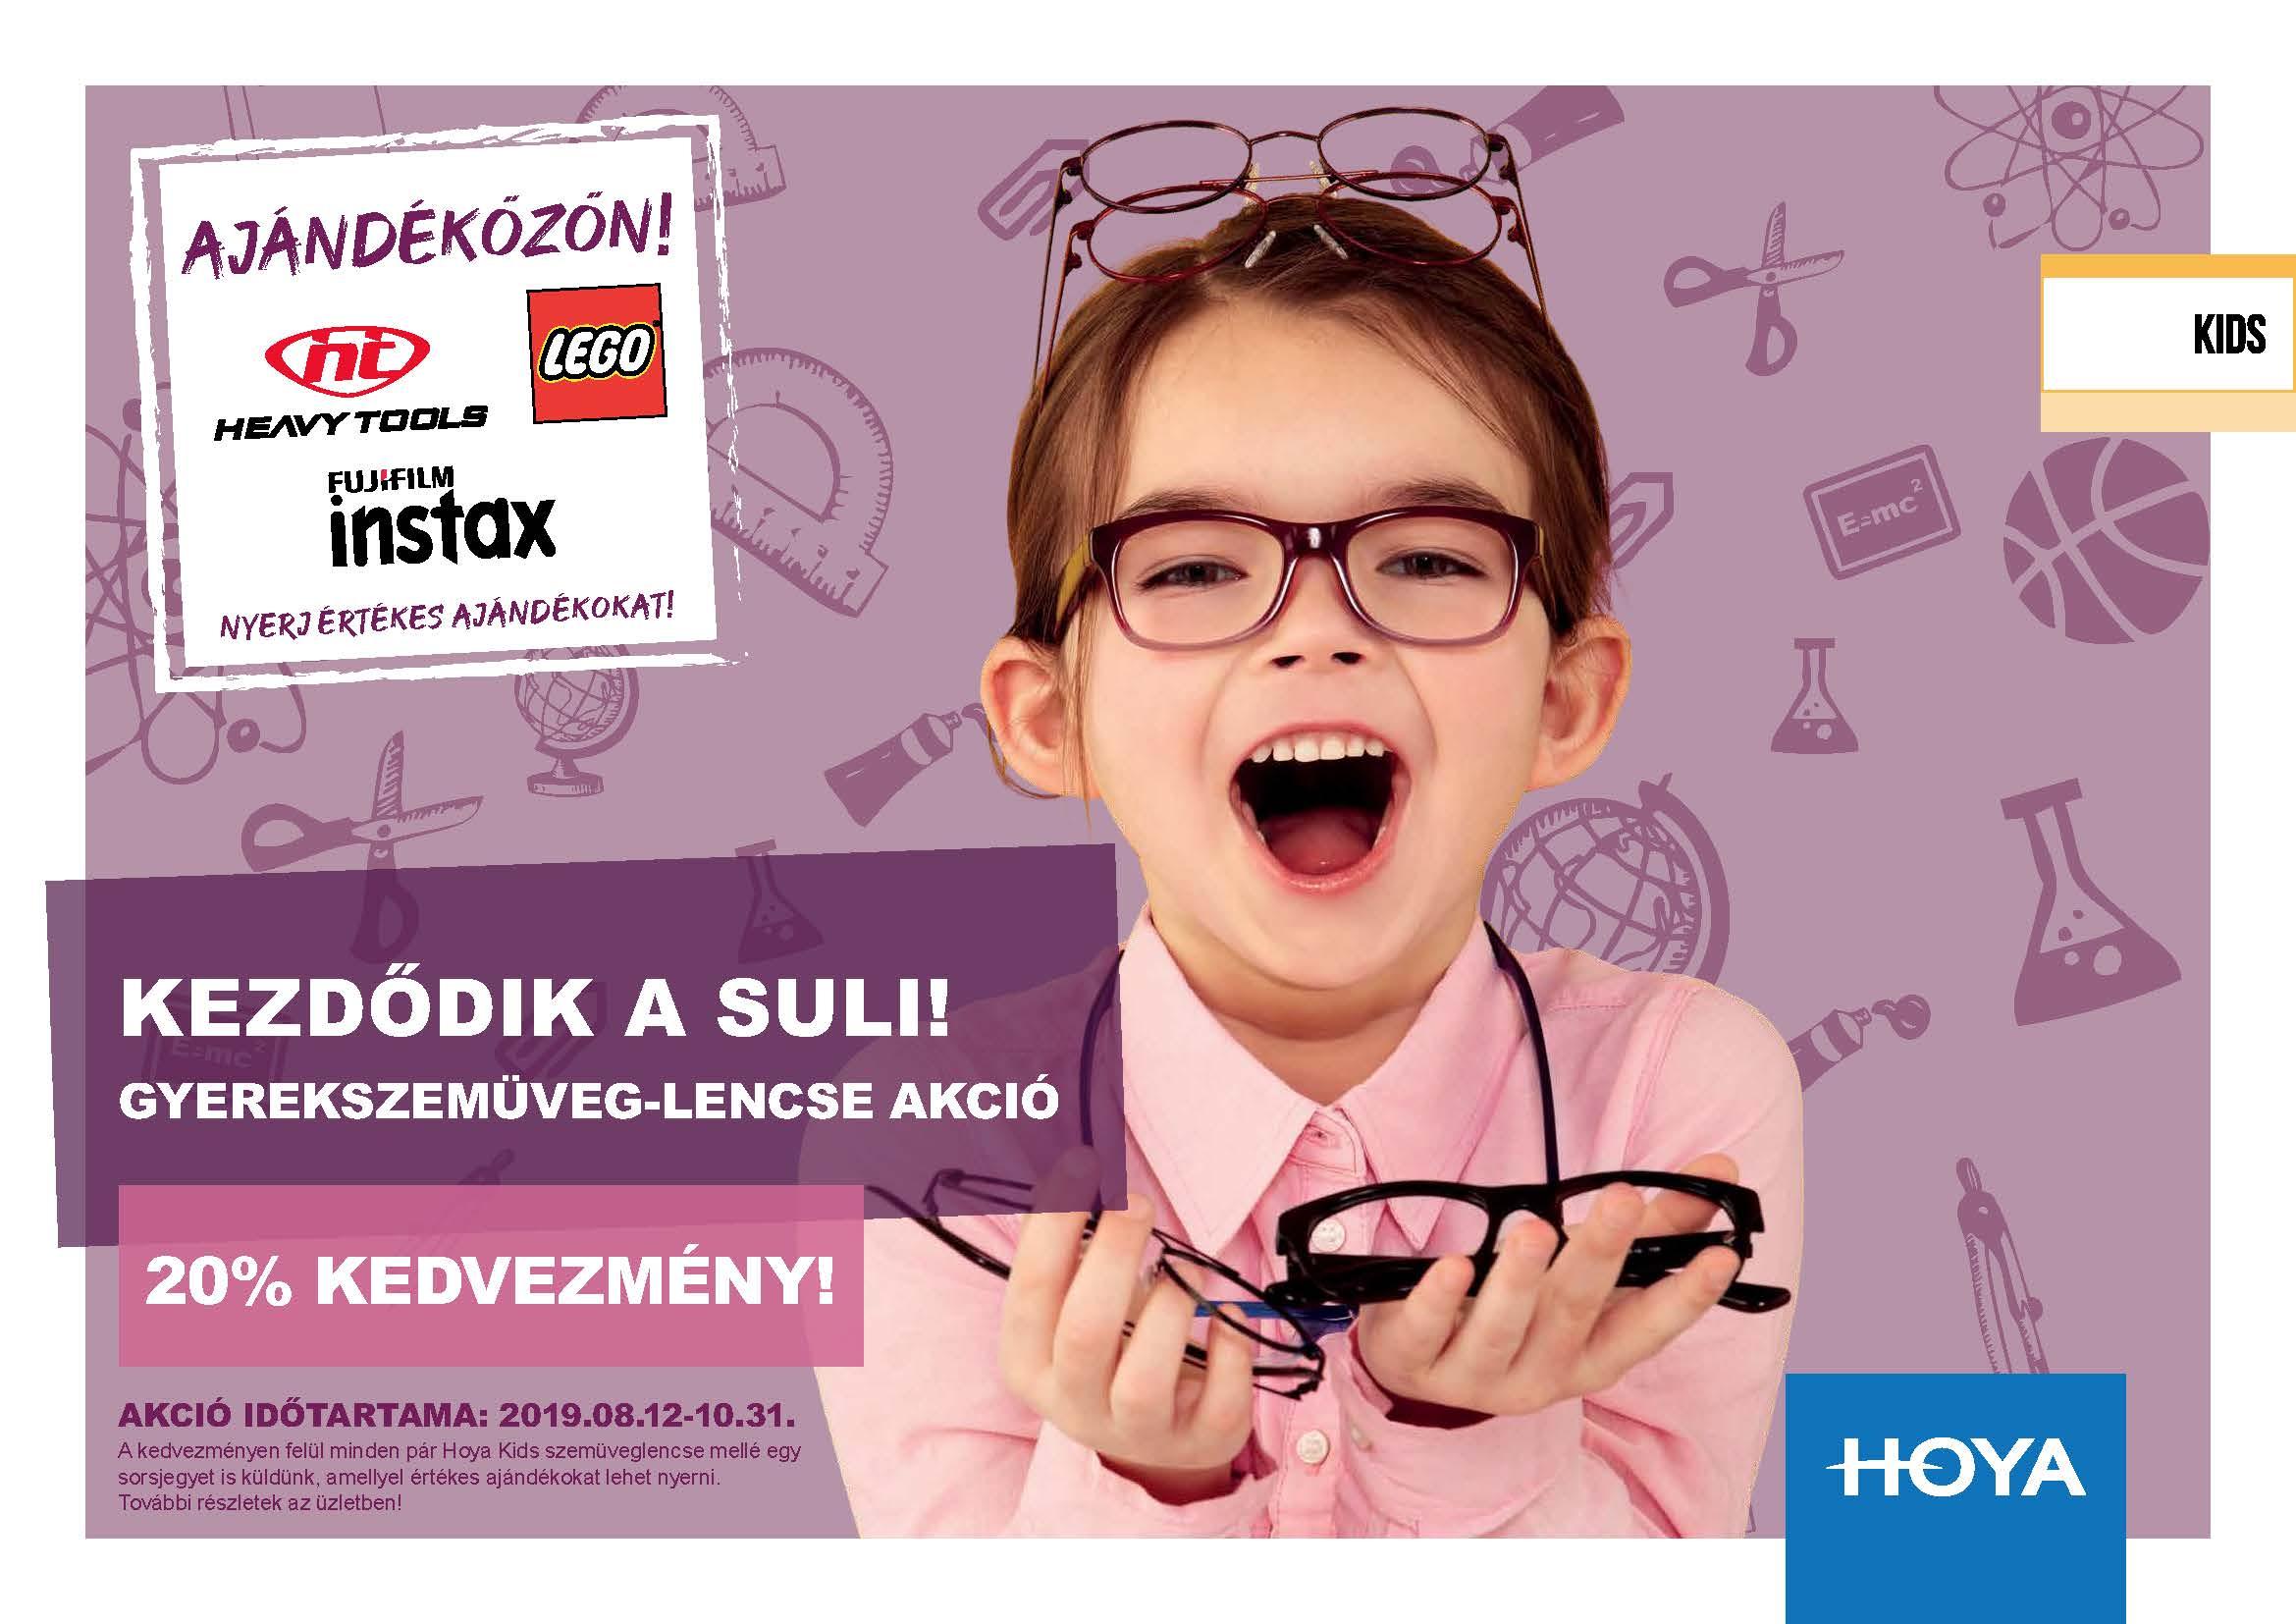 Hoya KIDS szemüveglencse kedvezmény ajándék sorsjeggyel!